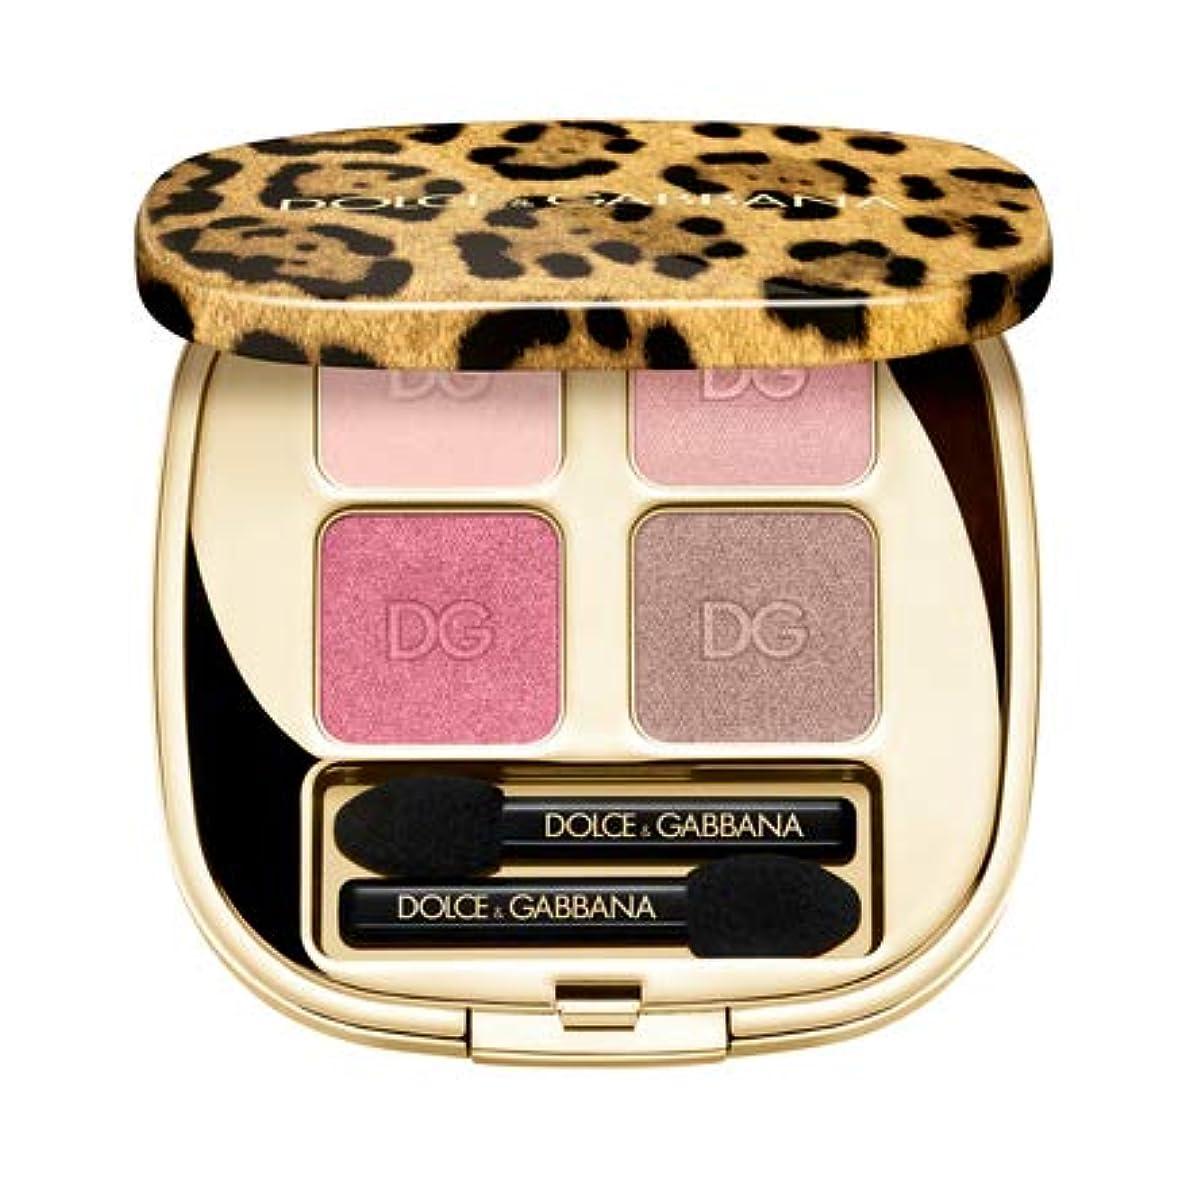 みなさん請求にぎやか【Dolce & Gabbana(ドルチェ&ガッバーナ)】フェリンアイズ インテンスアイシャドウ クアッド (6)